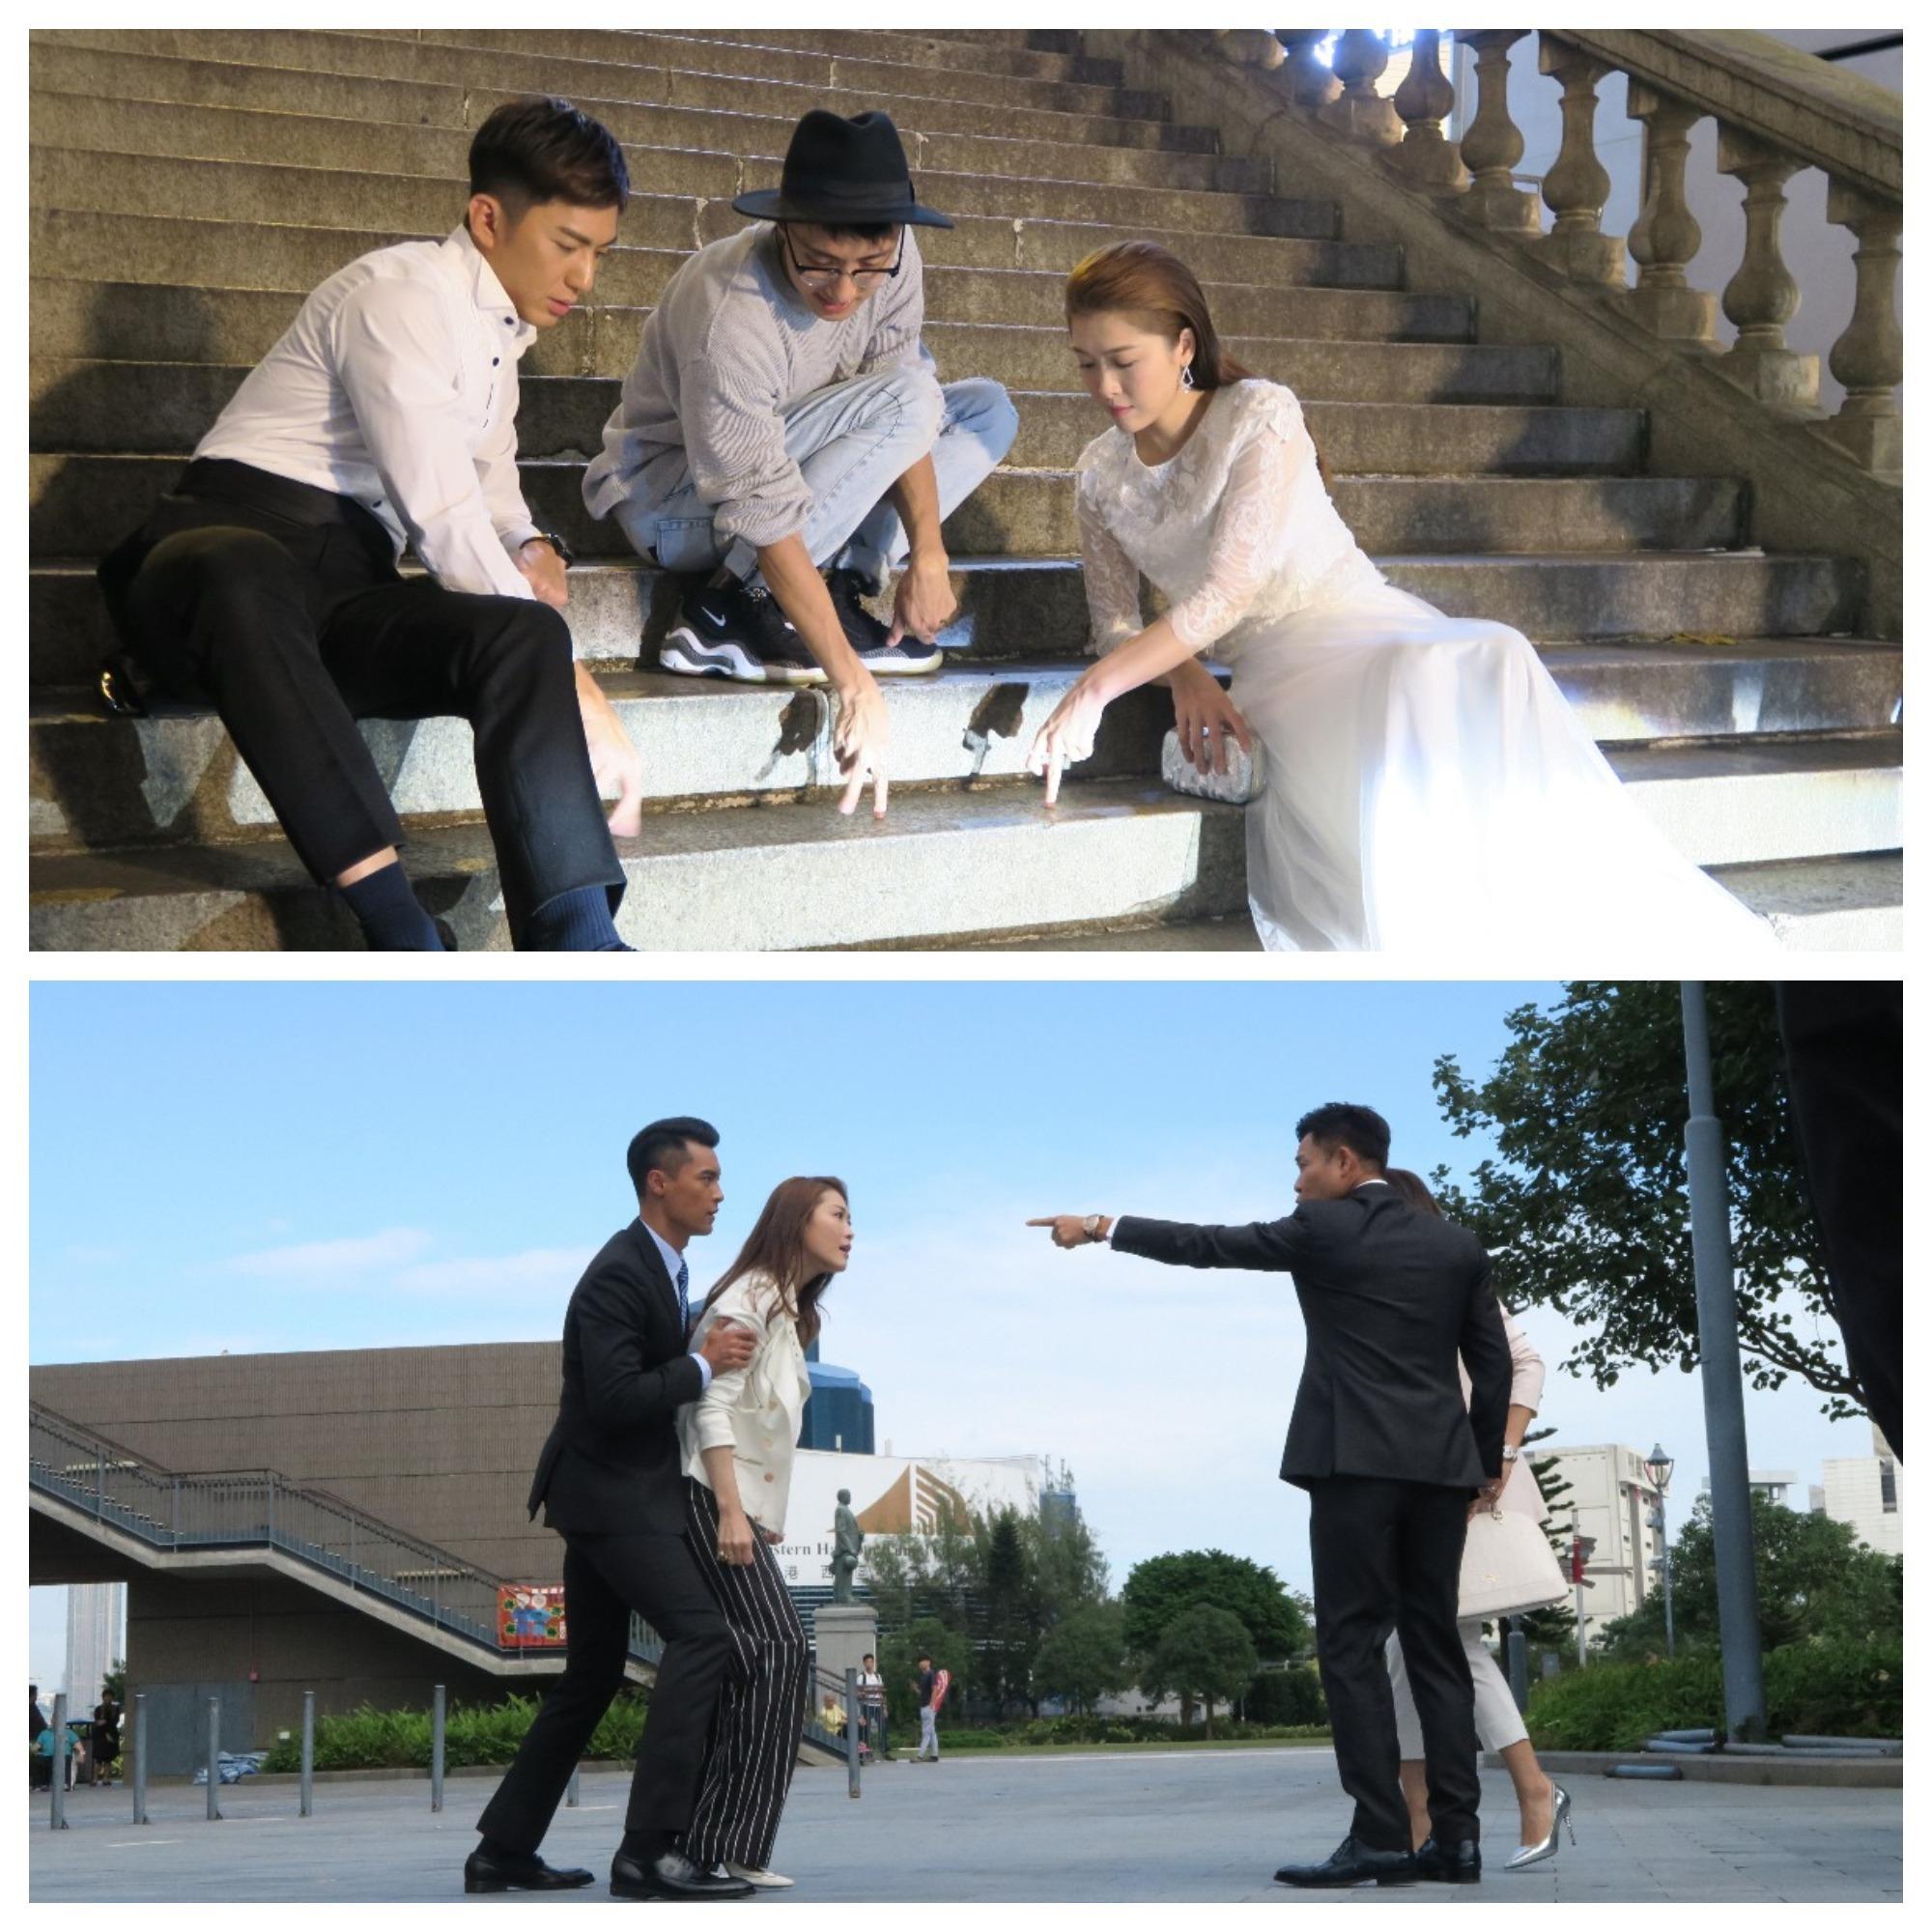 劇中周勵淇除了與郭晉安對敵外,與袁偉豪更上演一場姊弟戀。